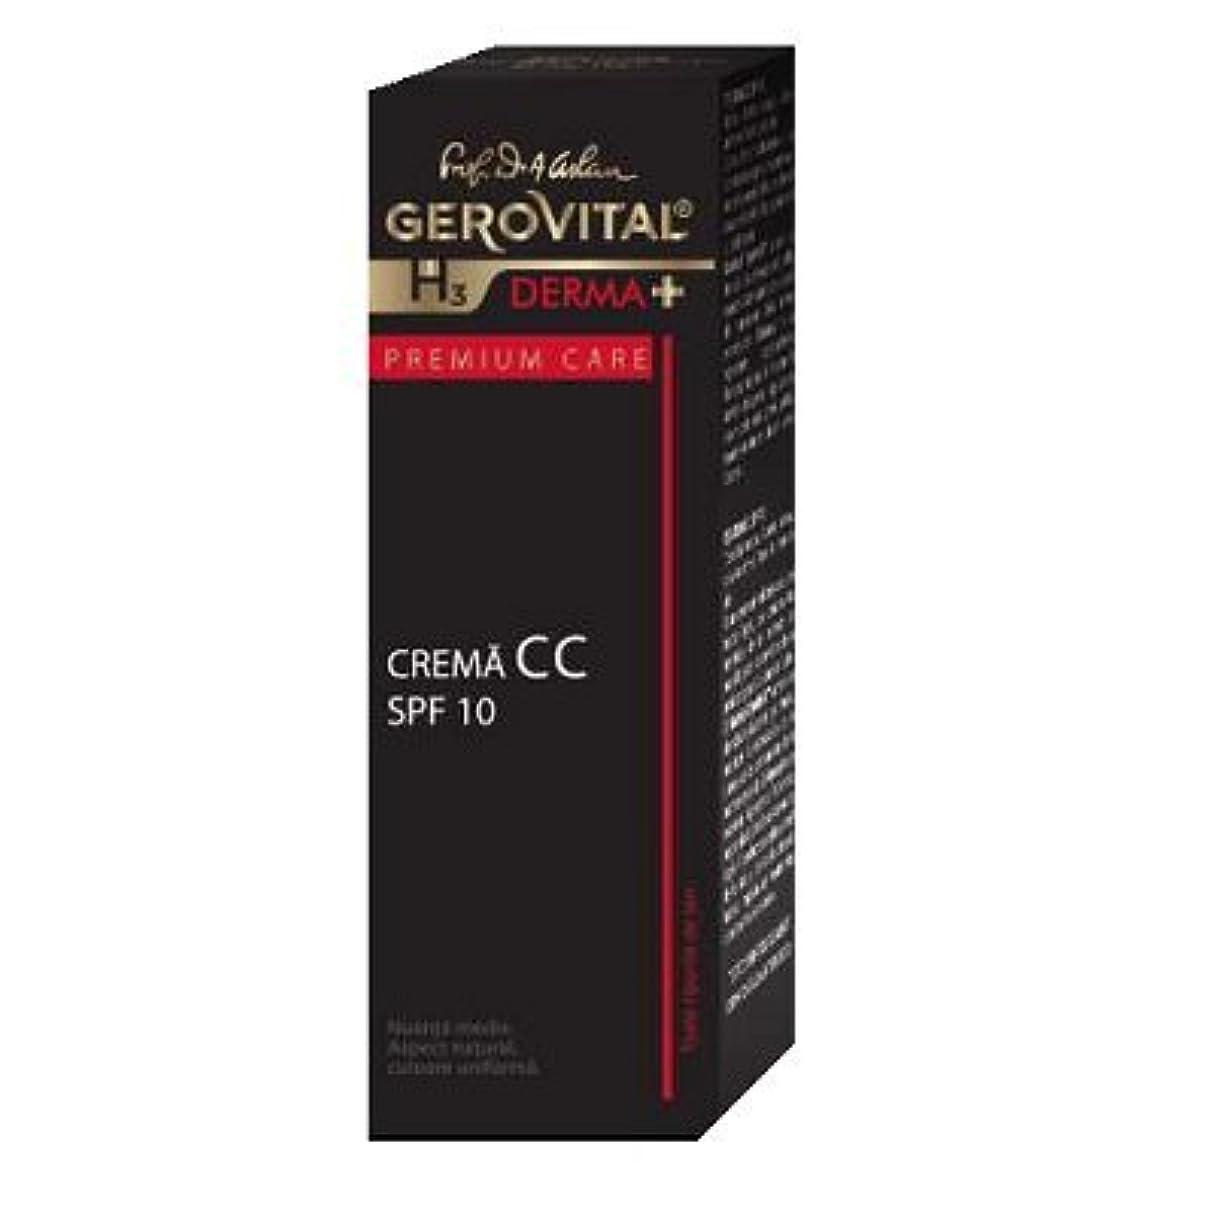 ご予約ノーブルおしゃれなジェロビタール H3 デルマ+ プレミアムケア CCクリーム SPF10 30 ml / 1.0 fl.oz. [海外直送] [並行輸入品]